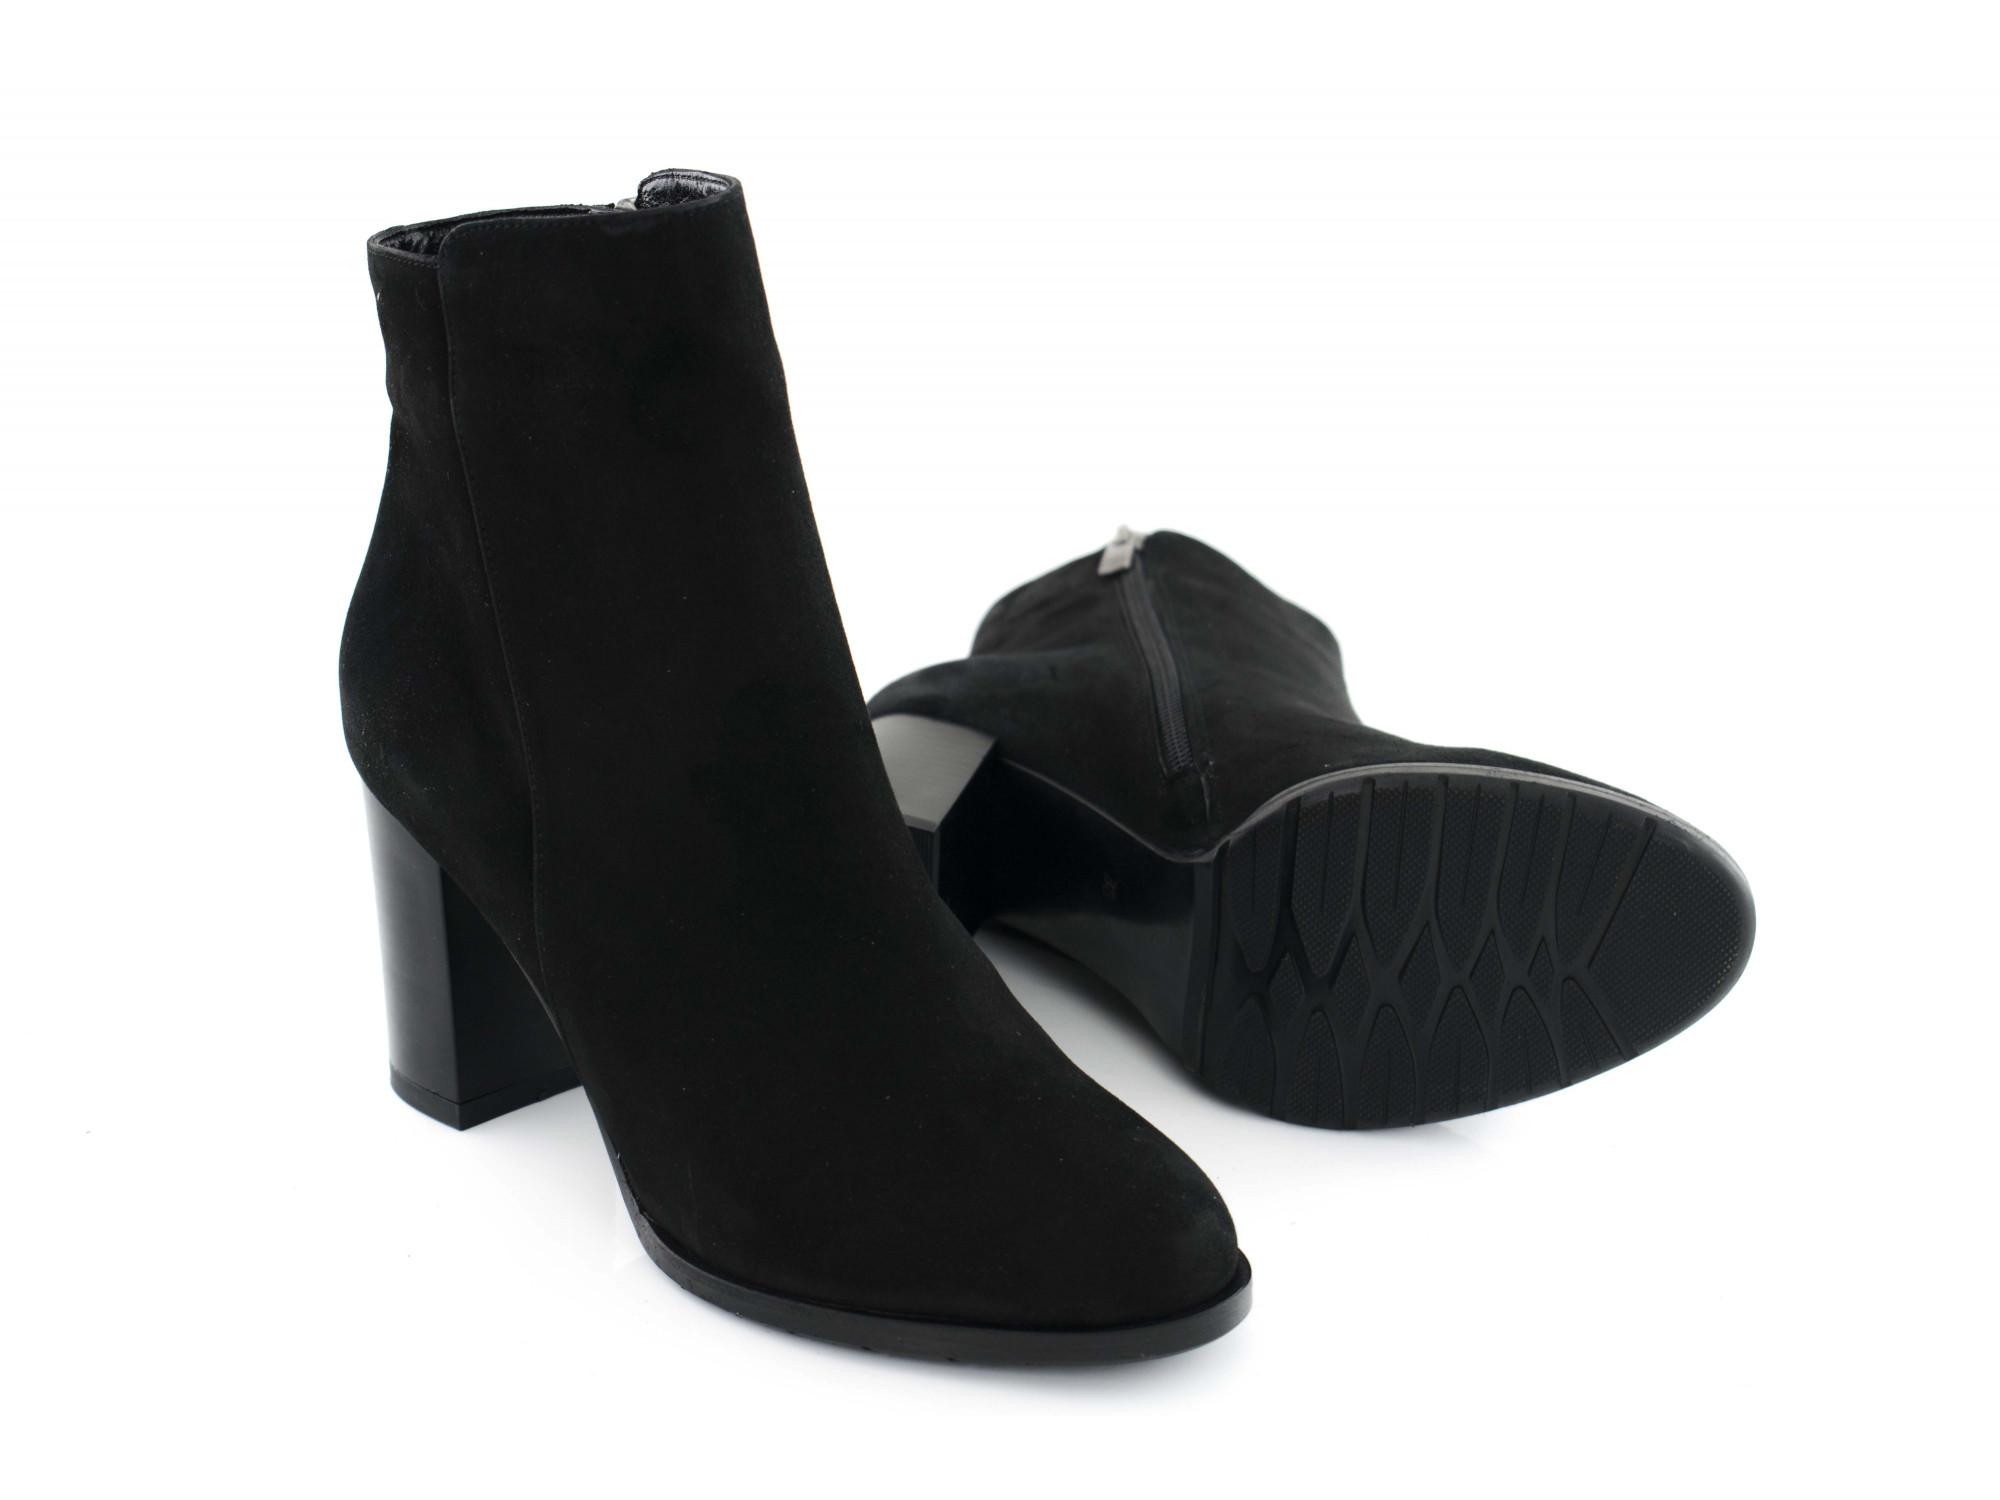 Ботинки La Pinta 0010-1025